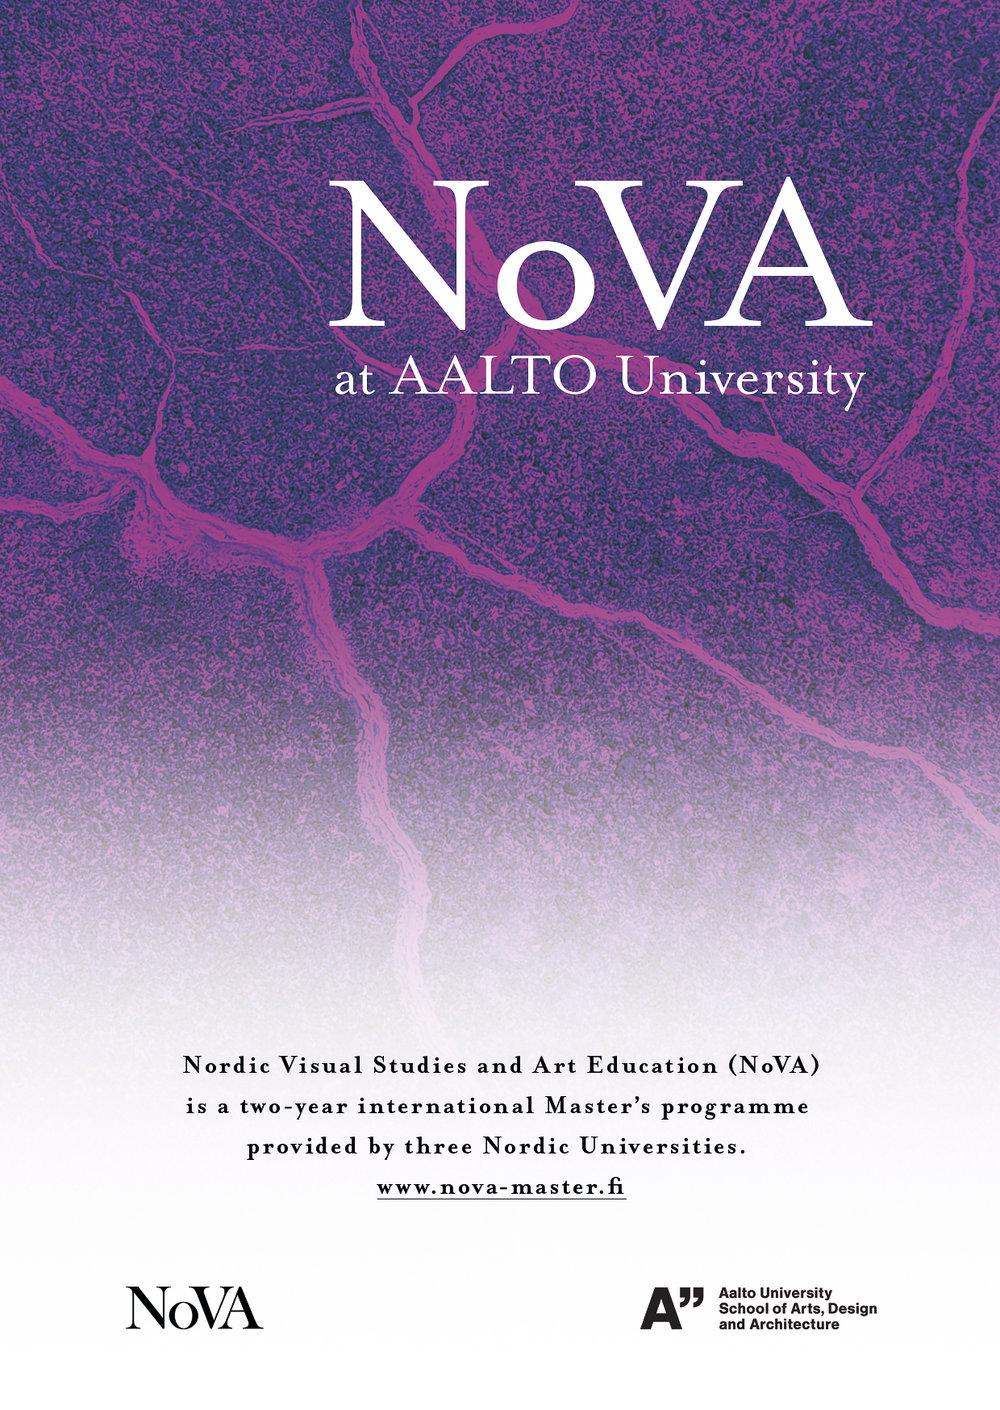 NoVA Programme Flyer, 2018